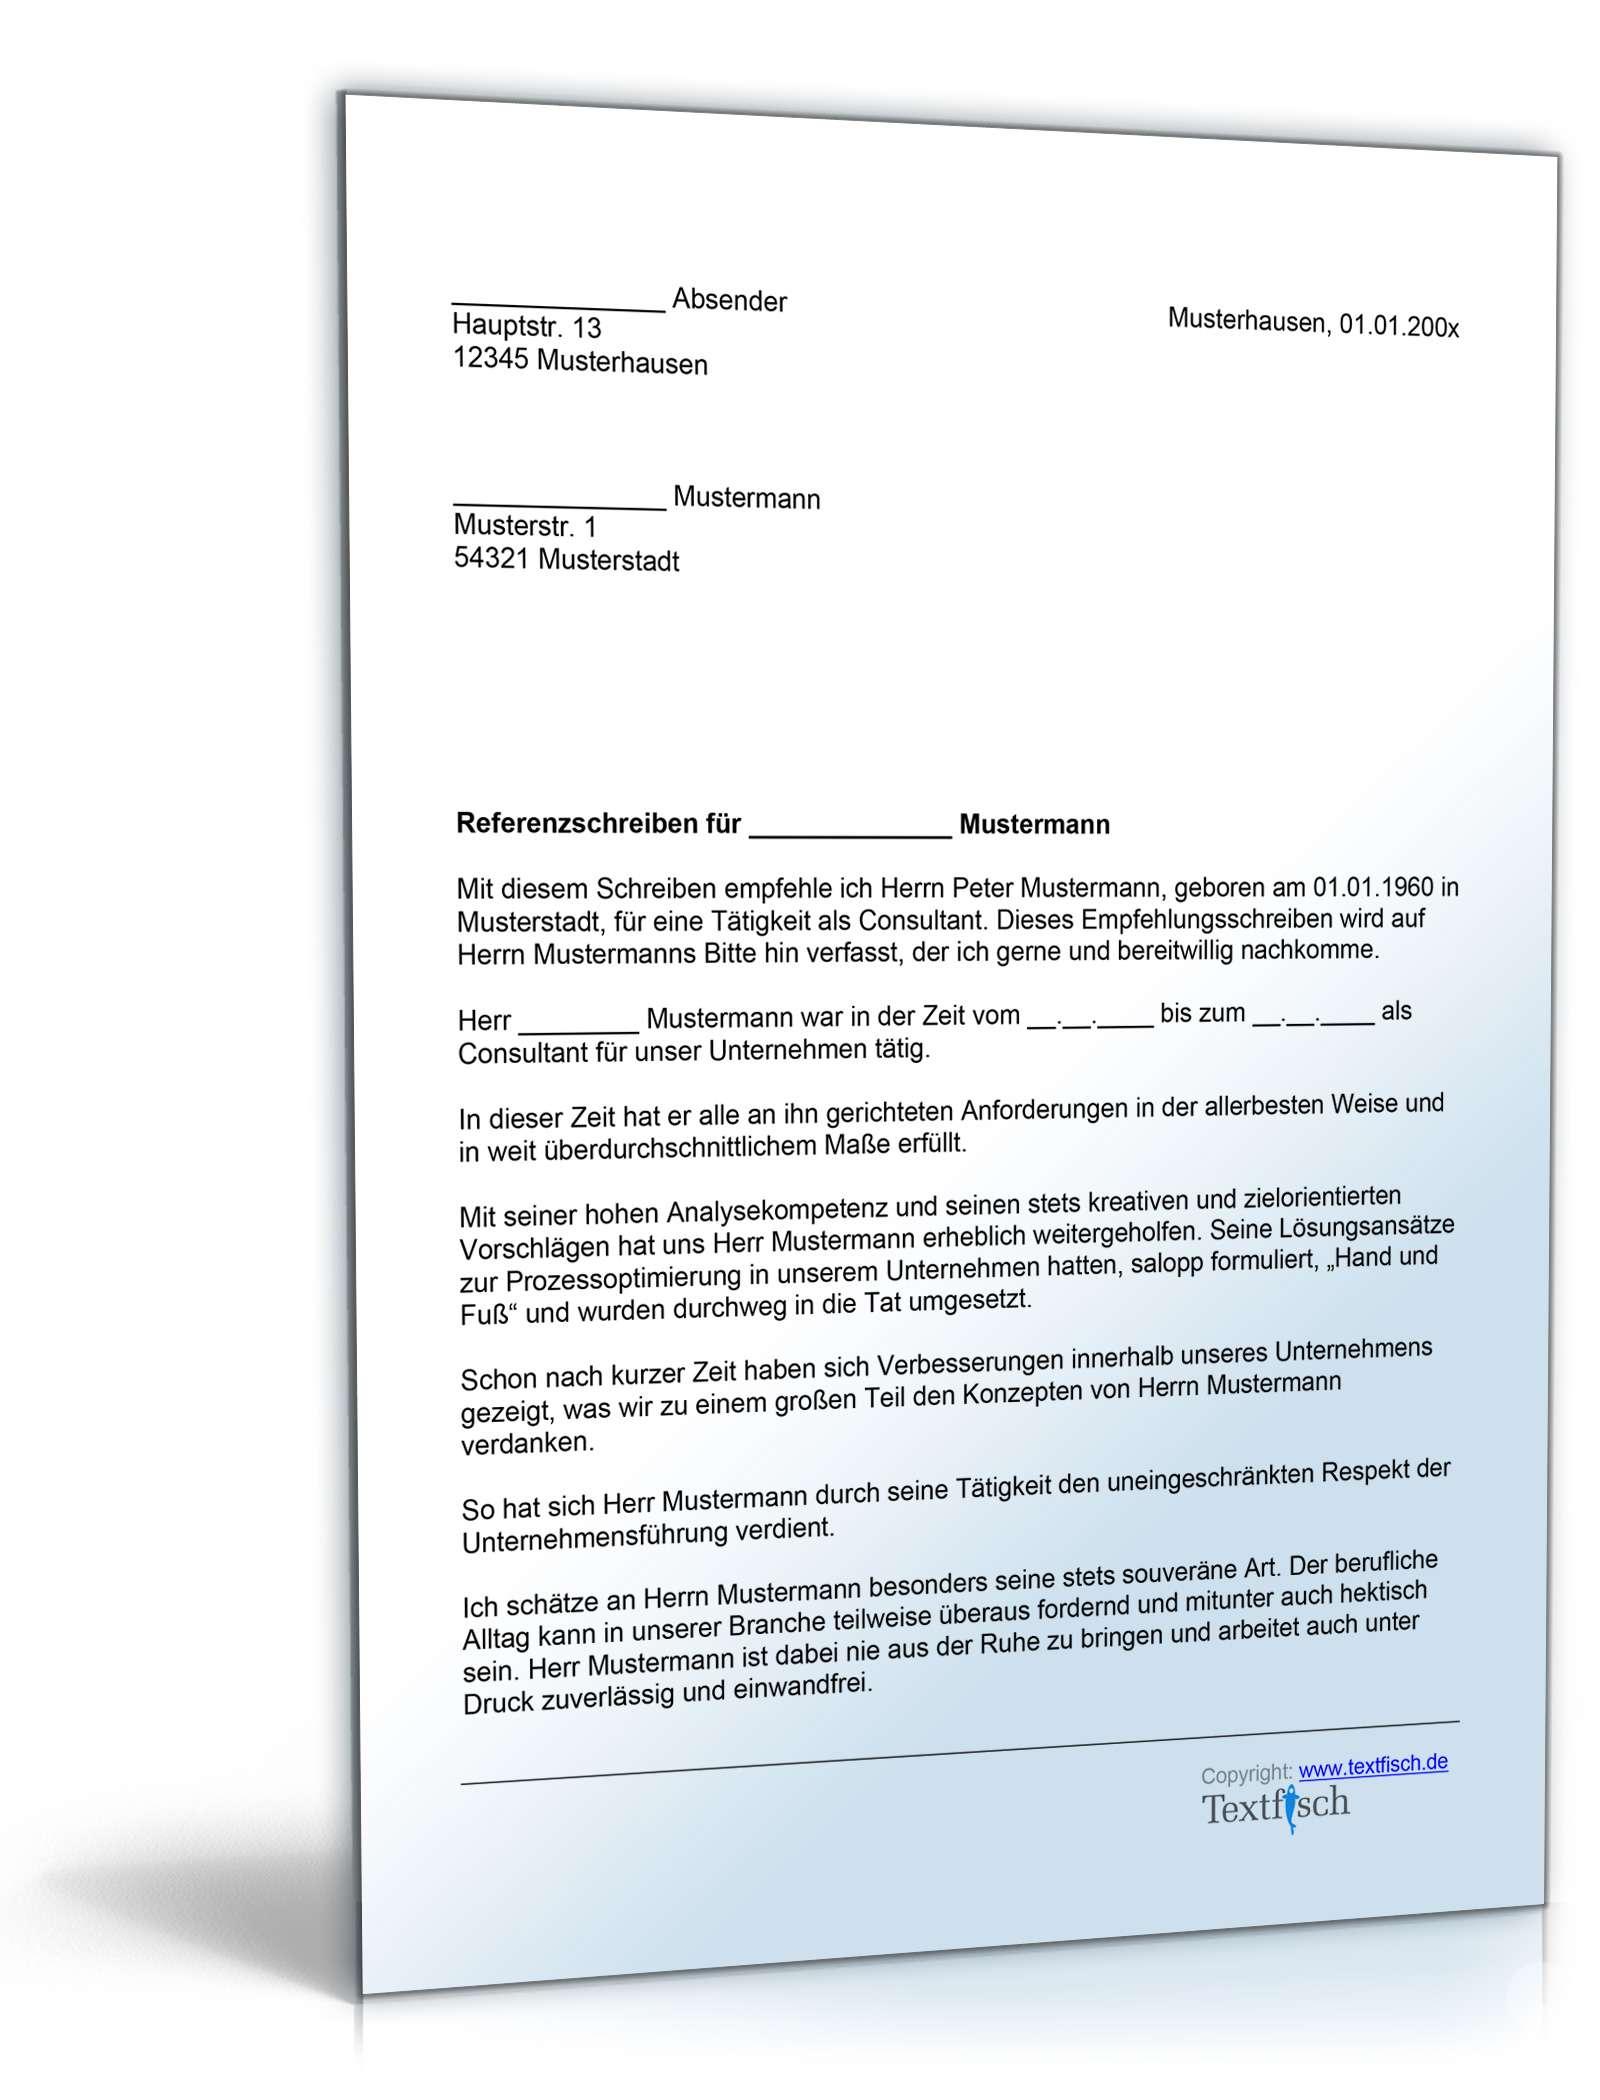 Referenzschreiben für einen Consultant - Musterbrief zum Download